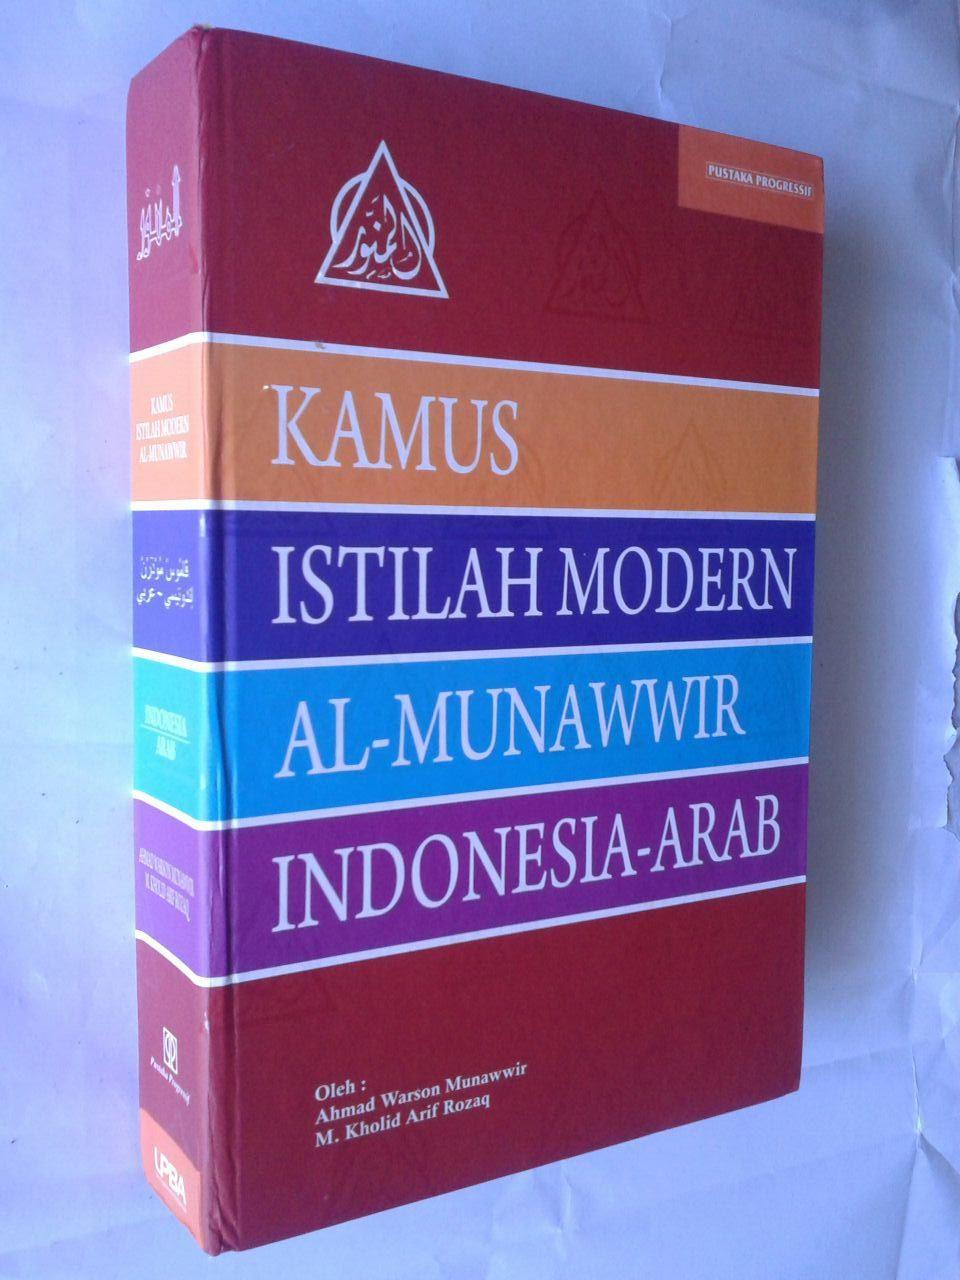 Buku Kamus Istilah Modern Al-Munawwir Indonesia-Arab cover